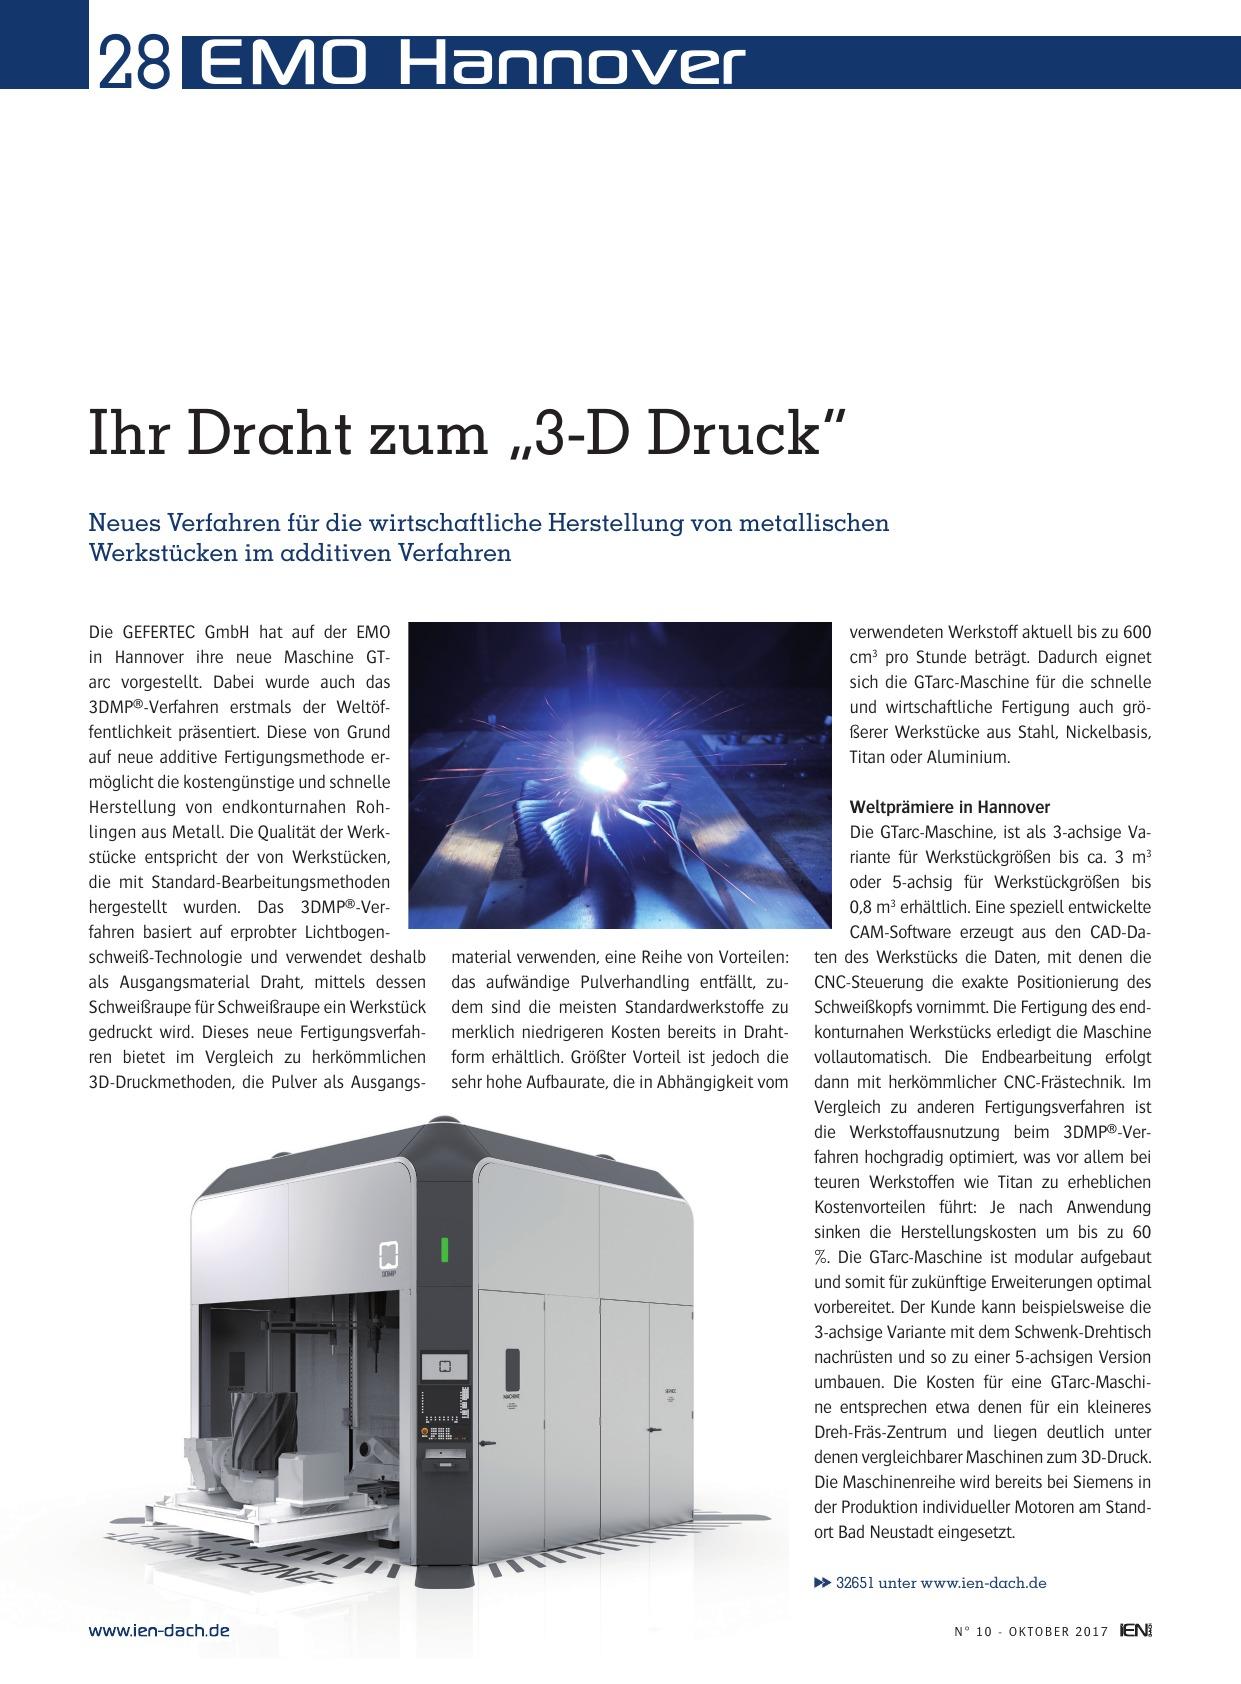 Ausgezeichnet Drahtform Vonr Bilder - Schaltplan Serie Circuit ...